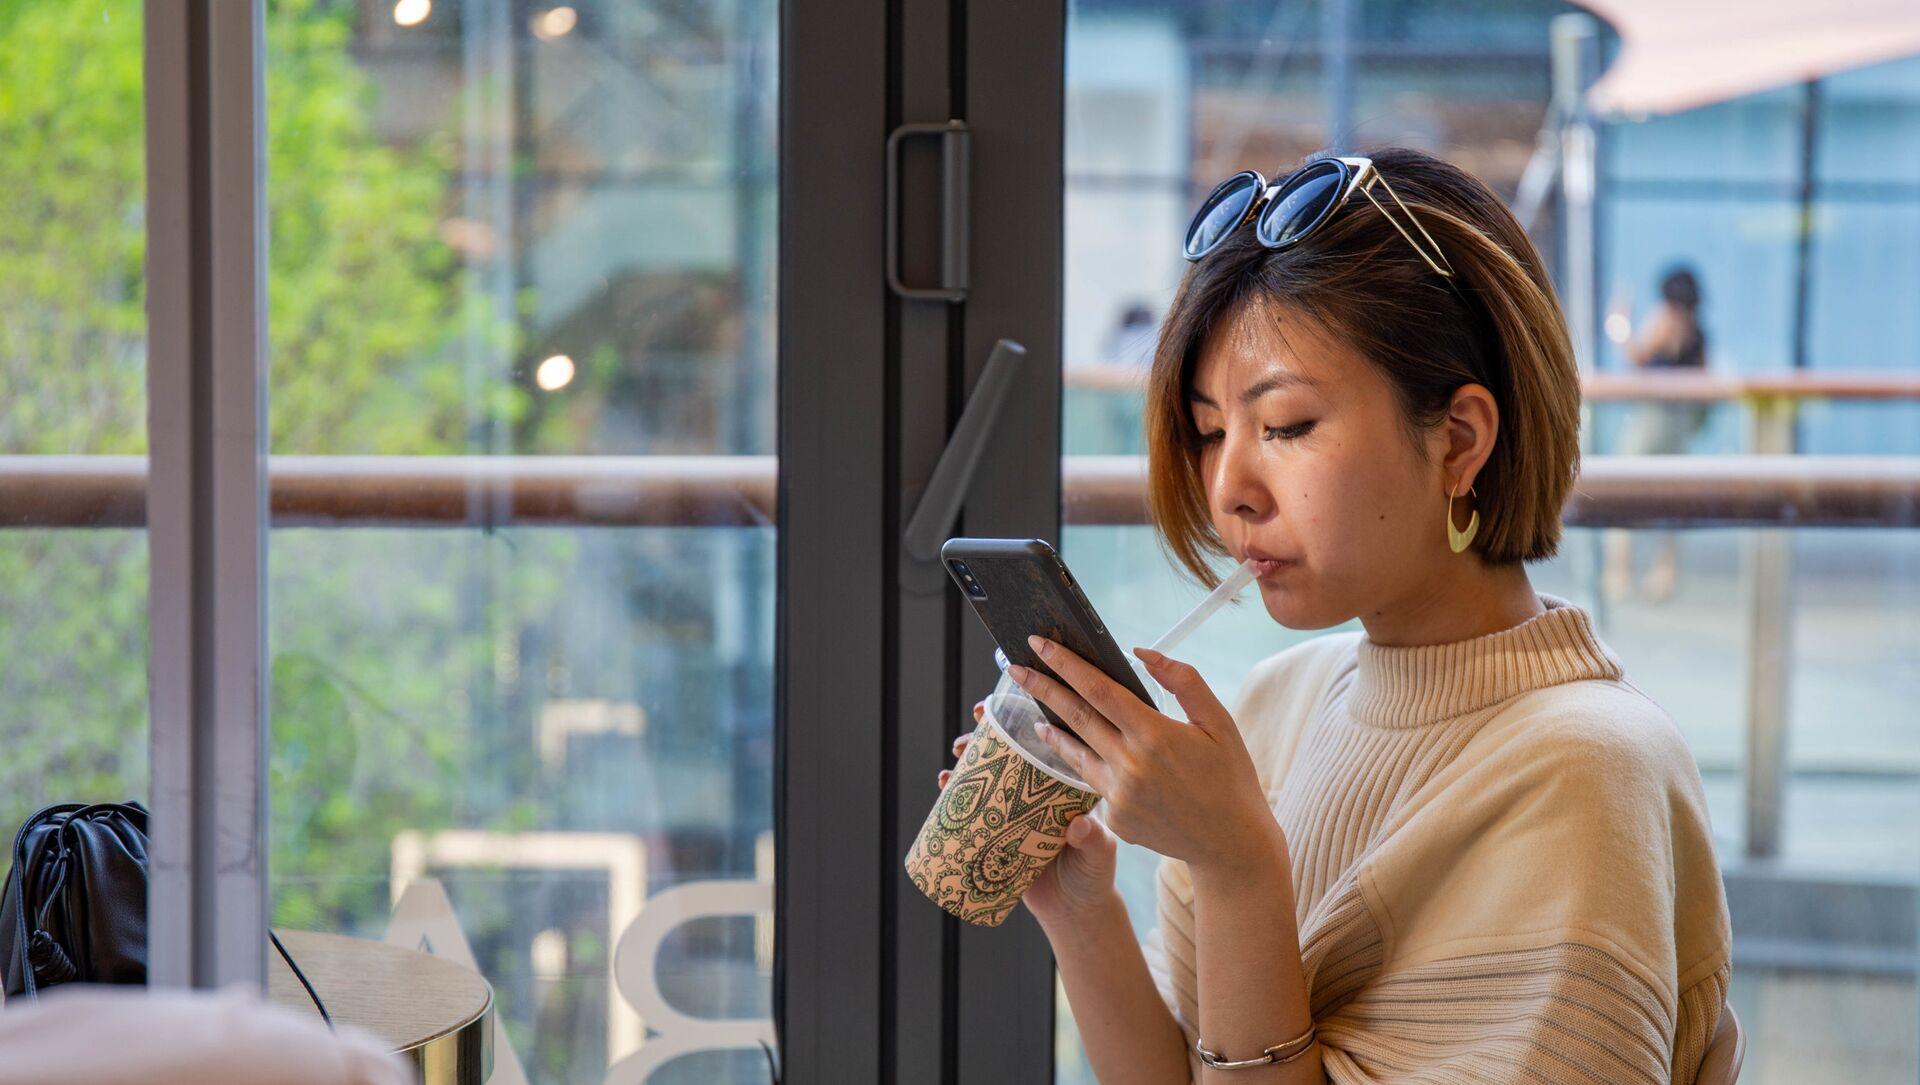 Trung Quốc cô gái mùa xuân Bắc Kinh người phụ nữ Trung Quốc cà phê điện thoại - Sputnik Việt Nam, 1920, 22.09.2021